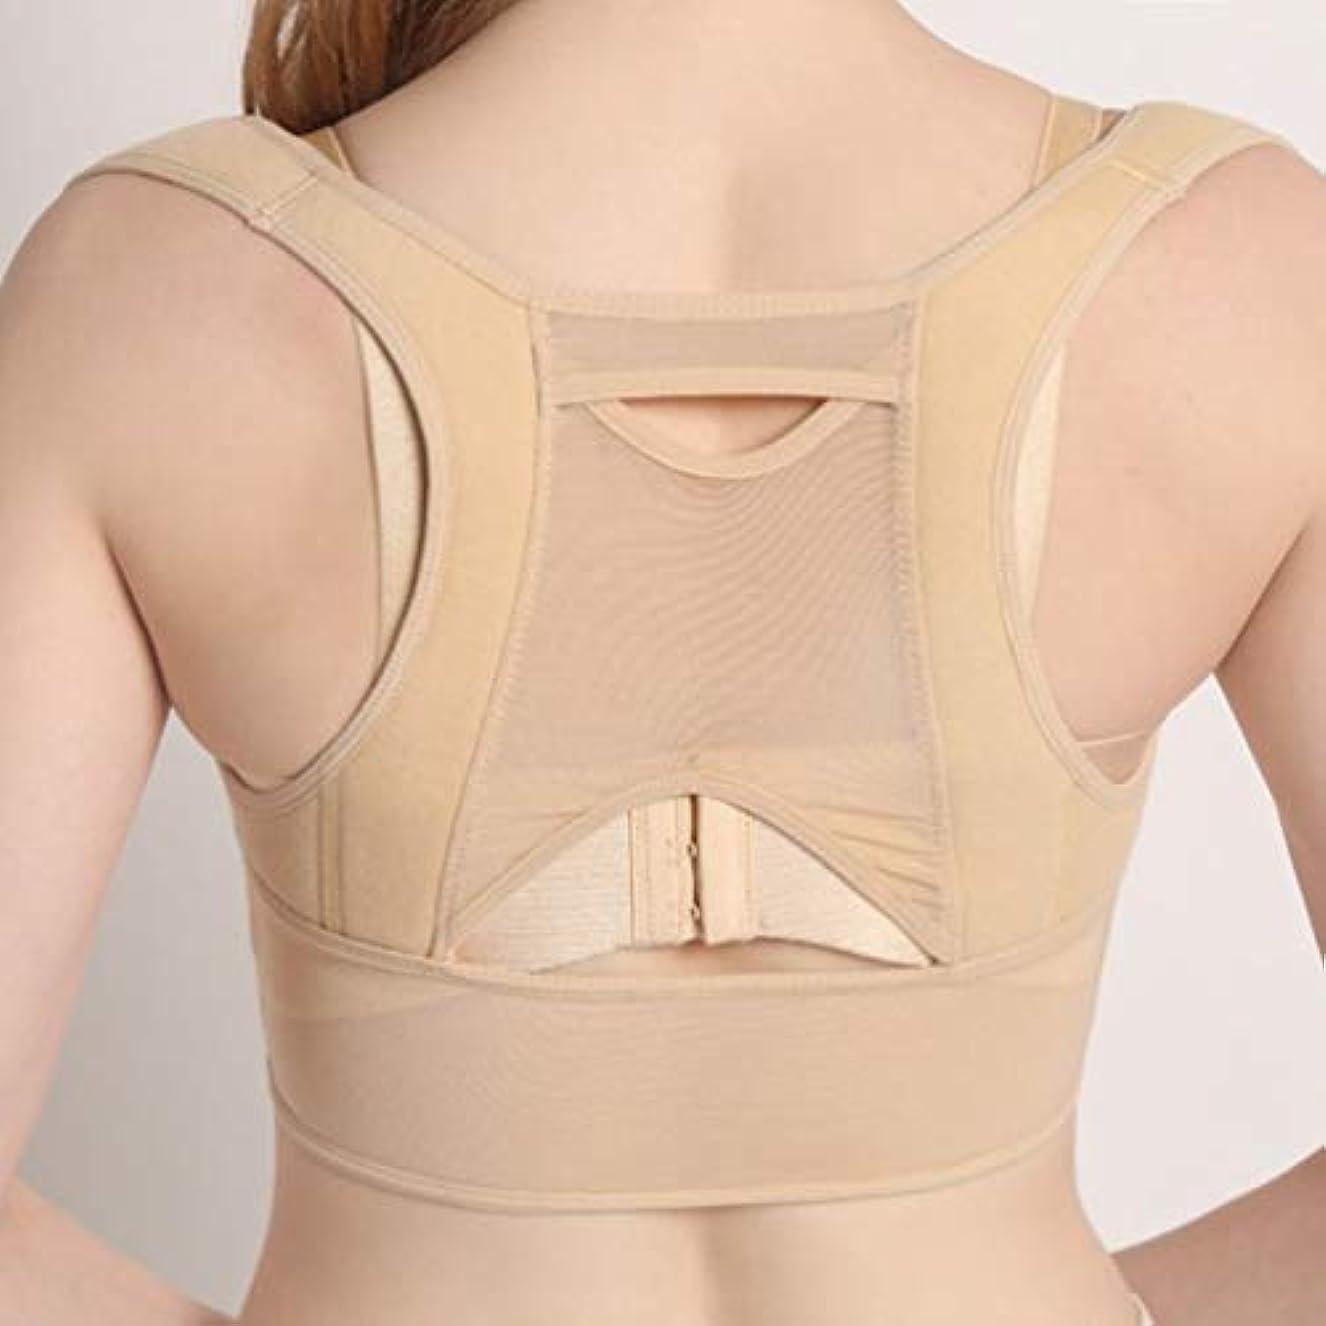 スキムバウンス有料通気性のある女性の背中の姿勢矯正コルセット整形外科の肩の背骨の姿勢矯正腰椎サポート - ベージュホワイトM